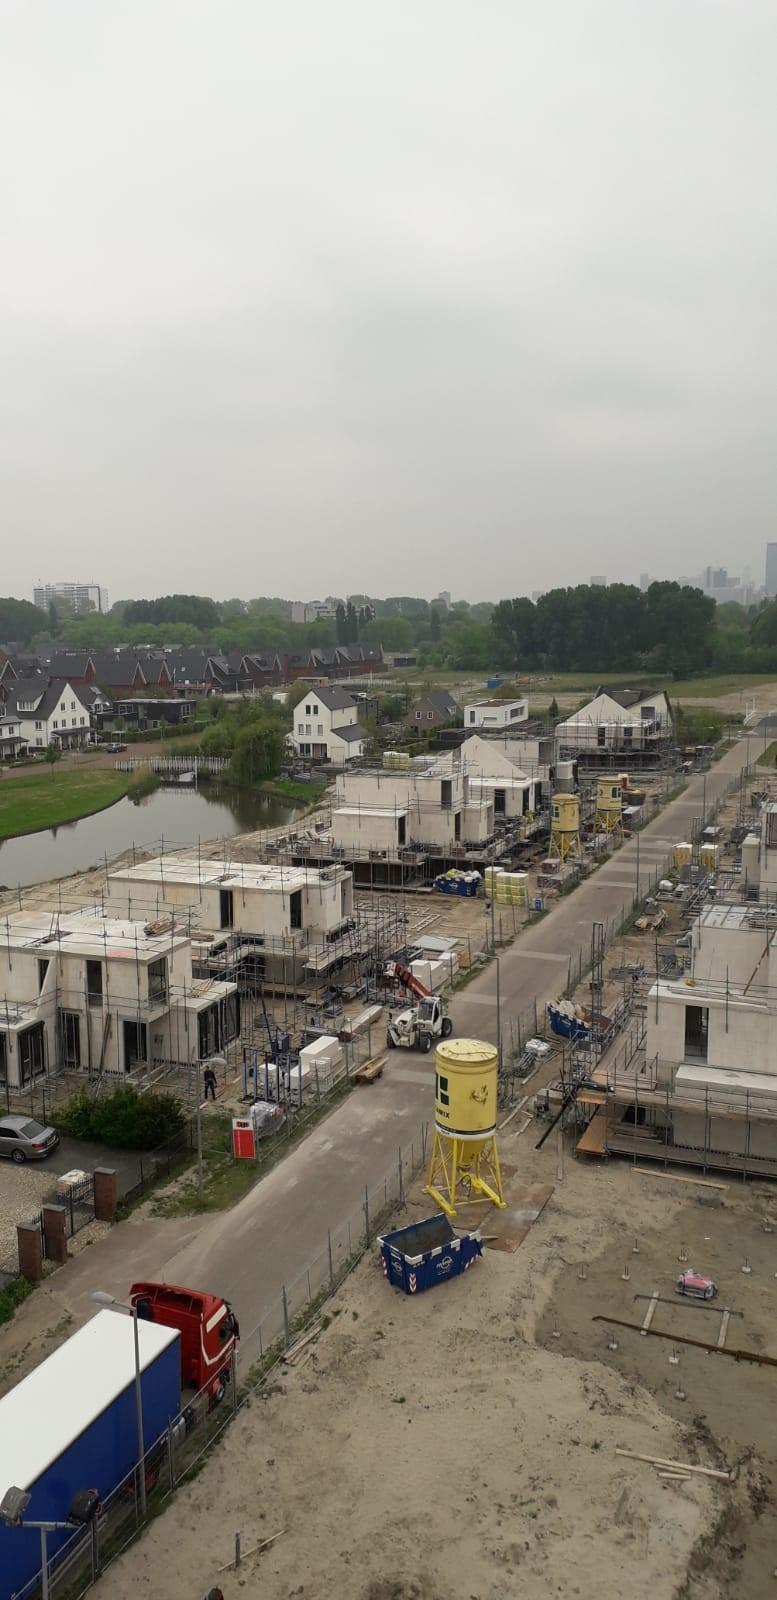 Overzicht bouwplaats vanuit bouwkraan